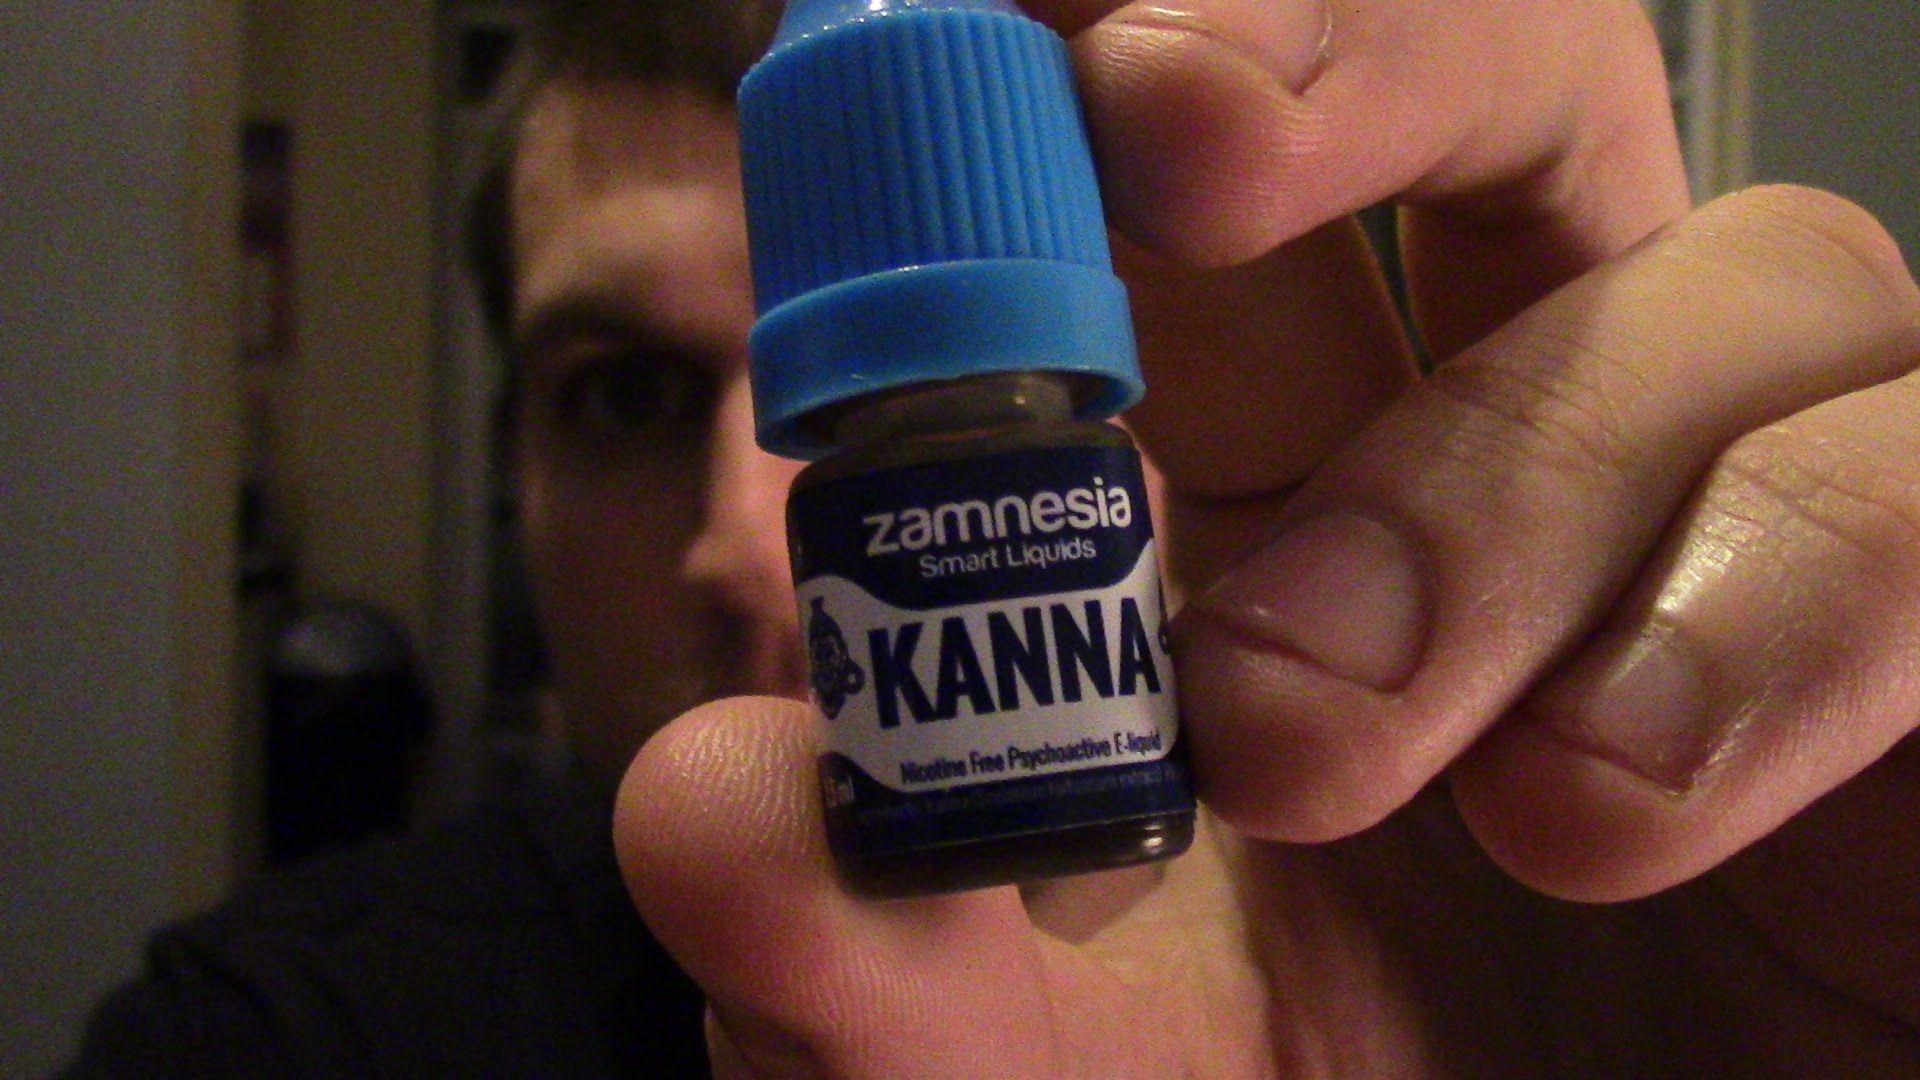 Kanna E-Liquid from Zamnesia (review)   E-Liquid Reviews